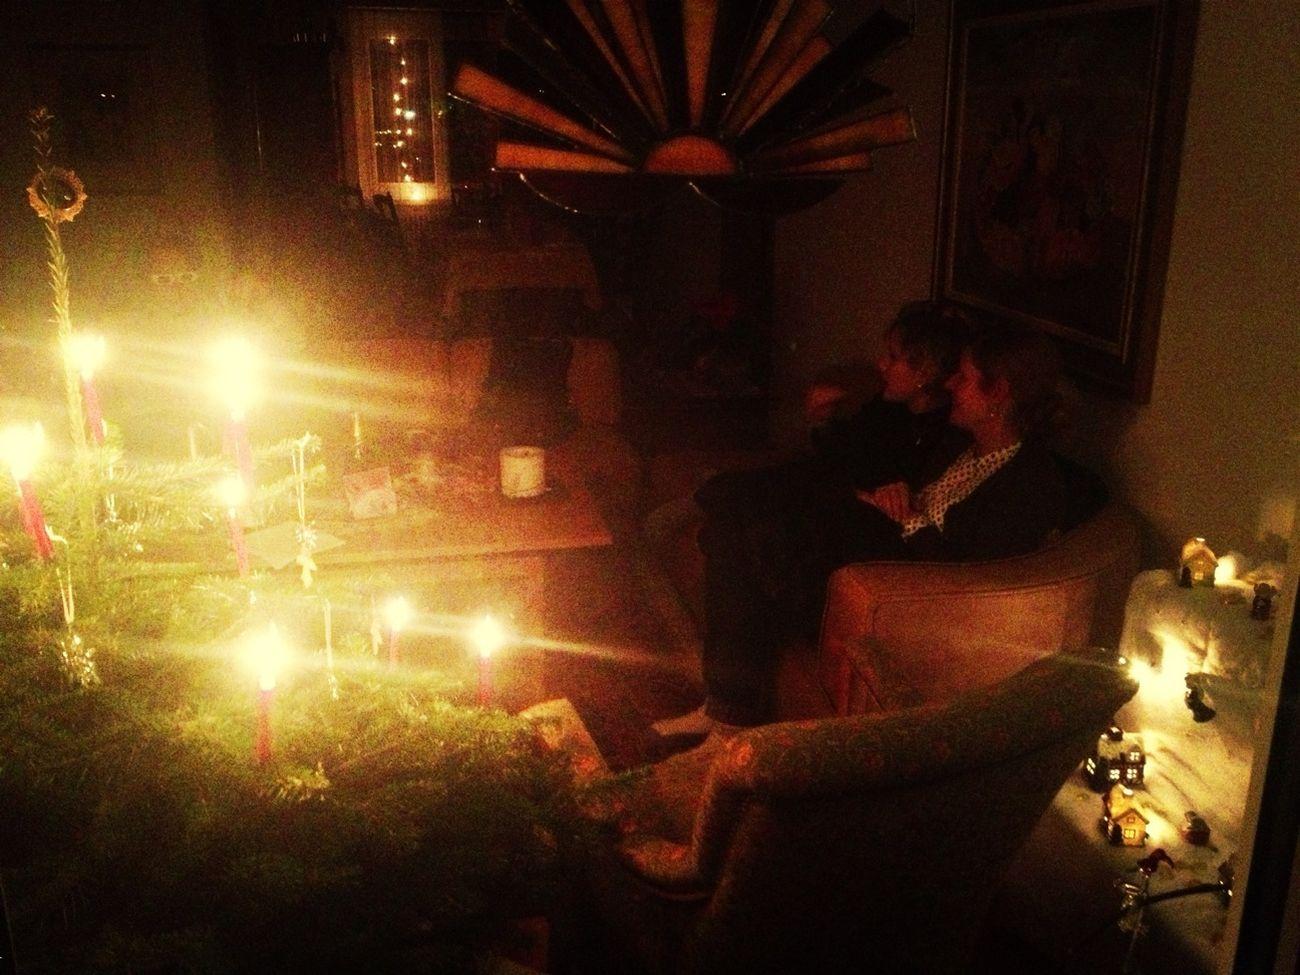 Wiehnacht